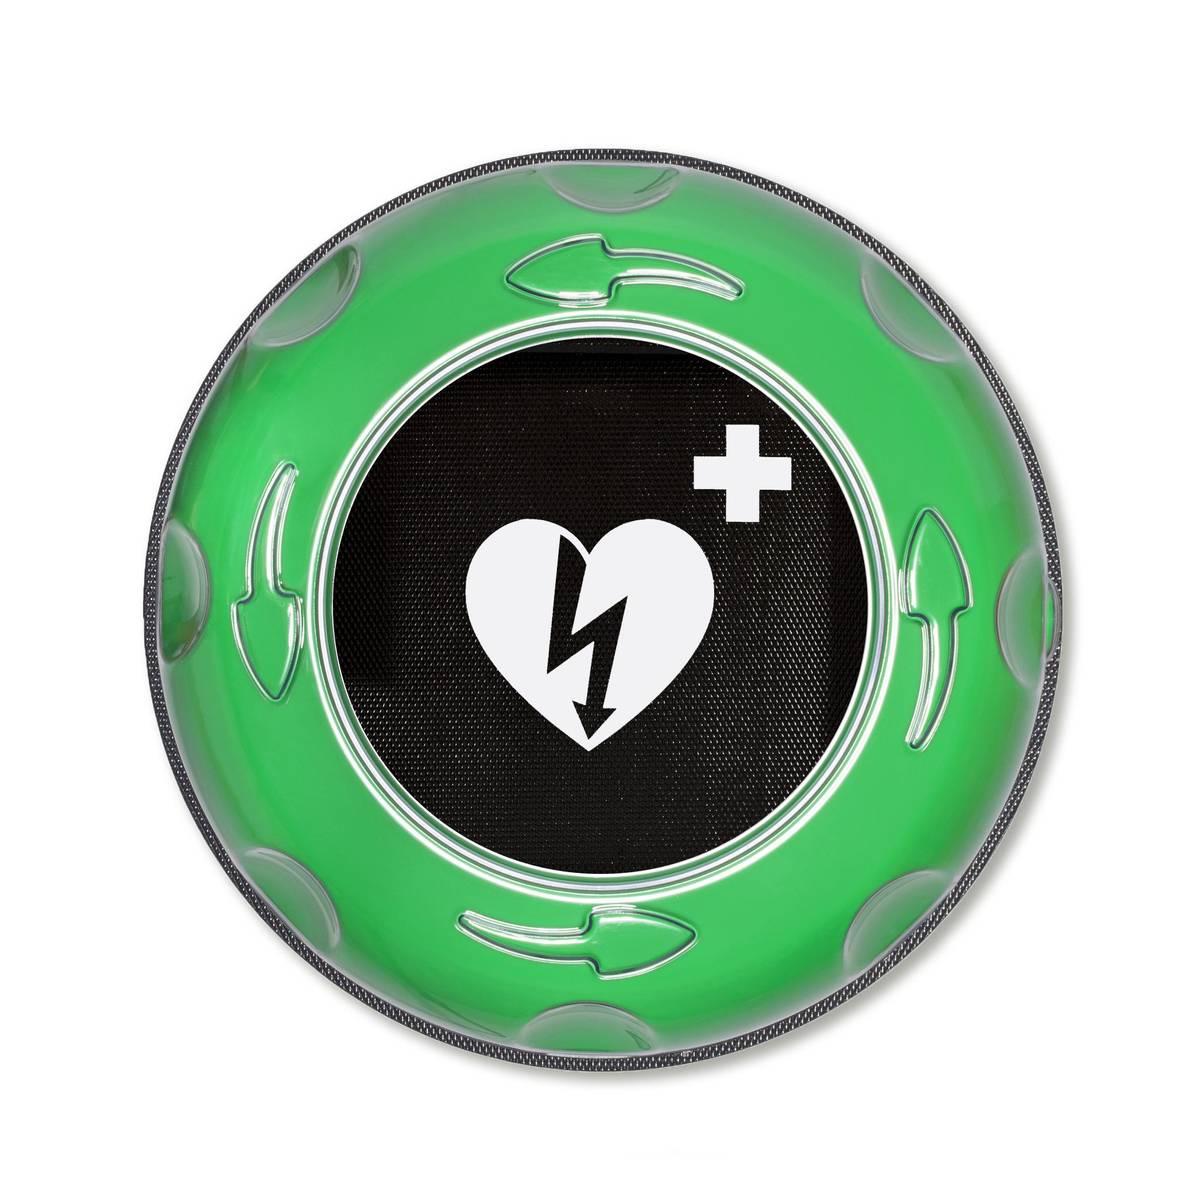 Rotaid SOLID PLUS VARME ILCOR skap til hjertestarter utendørs